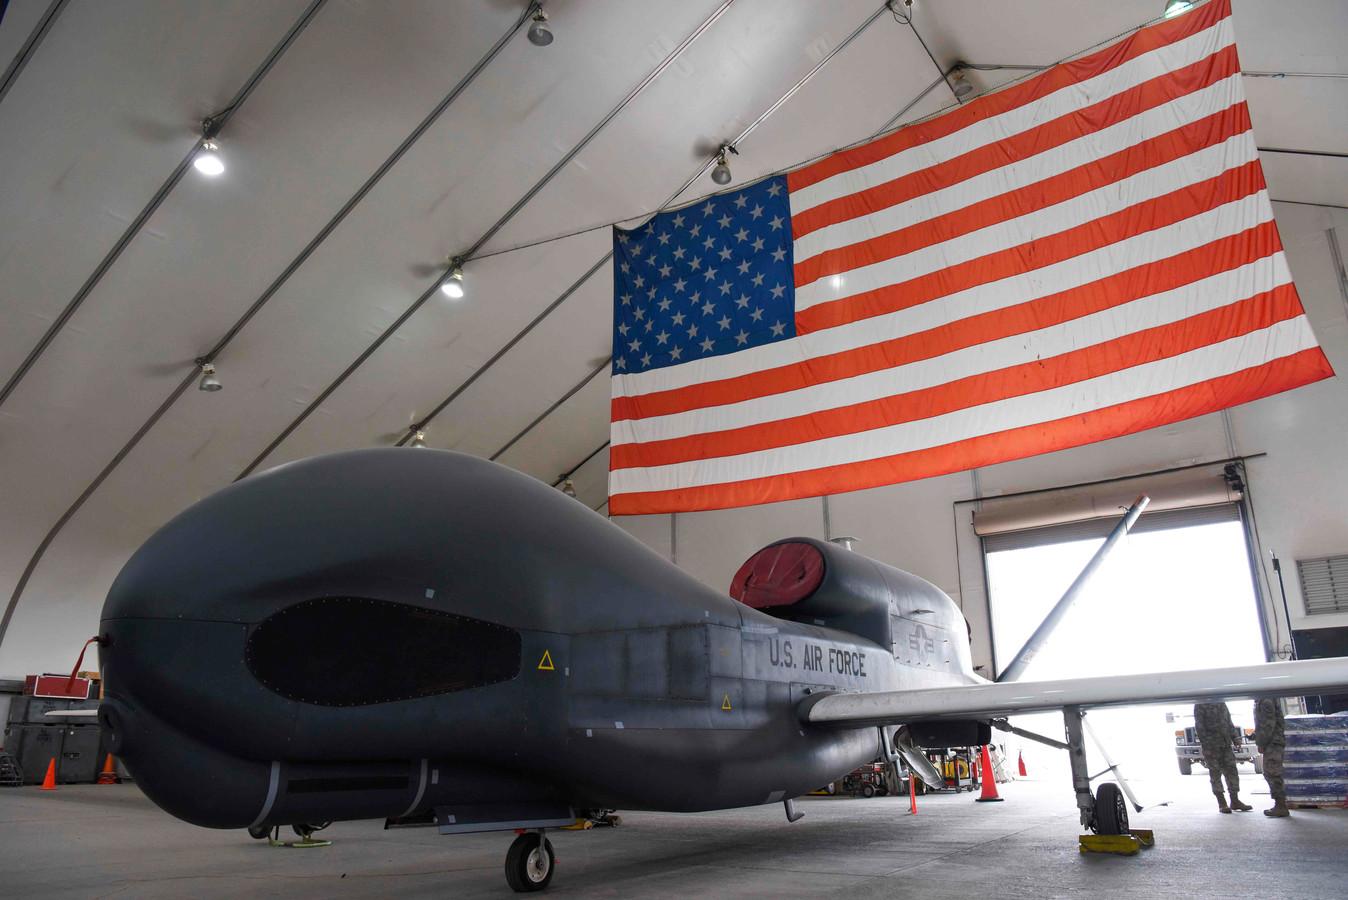 Een Amerikaanse militaire drone RQ-4A Global Hawk, hetzelfde type als door Iran is neergehaald.